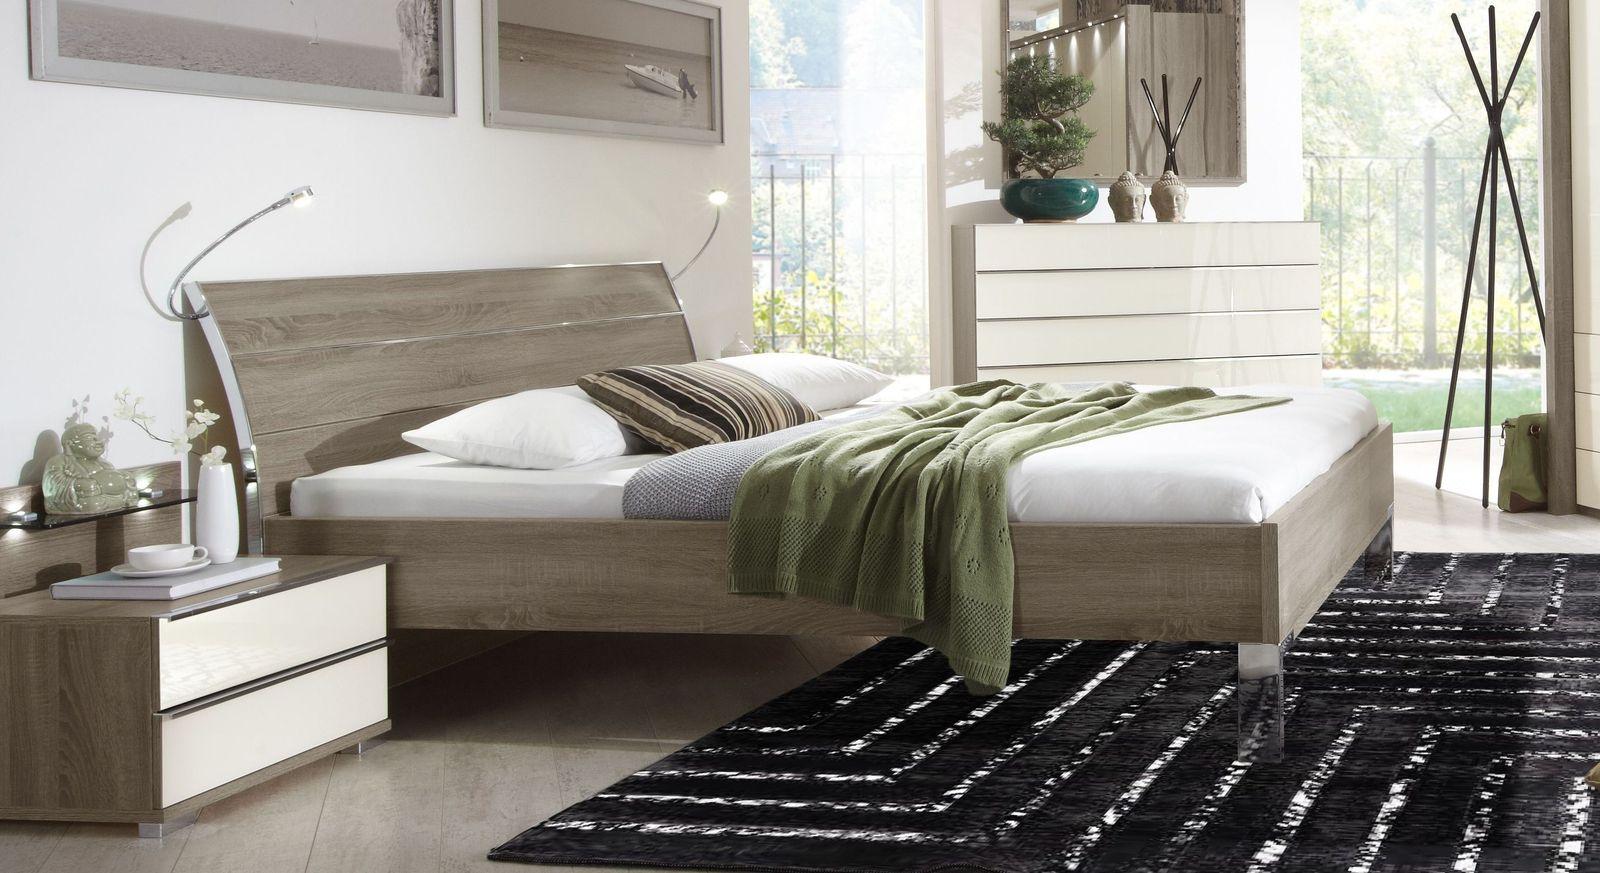 Full Size of Stabiles Bett Hohes Einfaches Einzelbett 180x220 Weiß 160x200 Paletten 140x200 Schrank Cars 200x200 Mit Bettkasten Wohnwert Betten Bett Stabiles Bett